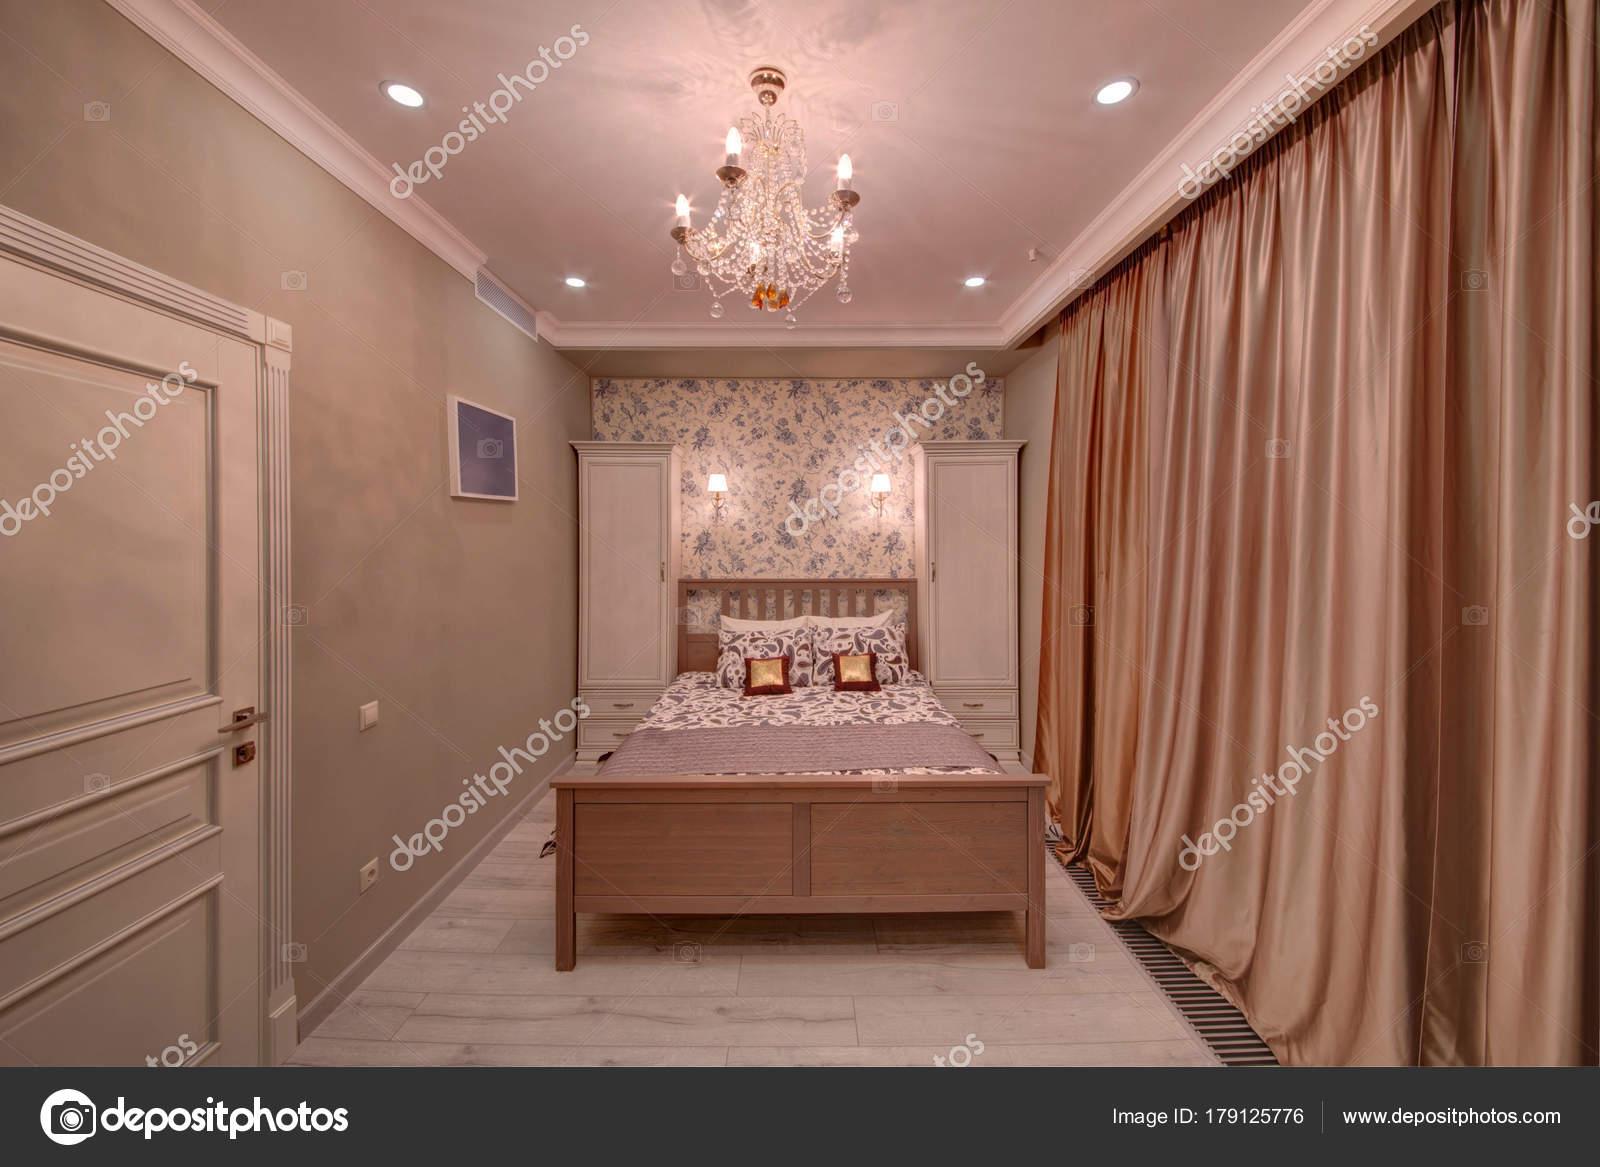 Camera letto con letto crema tende due casi lampadario cristallo